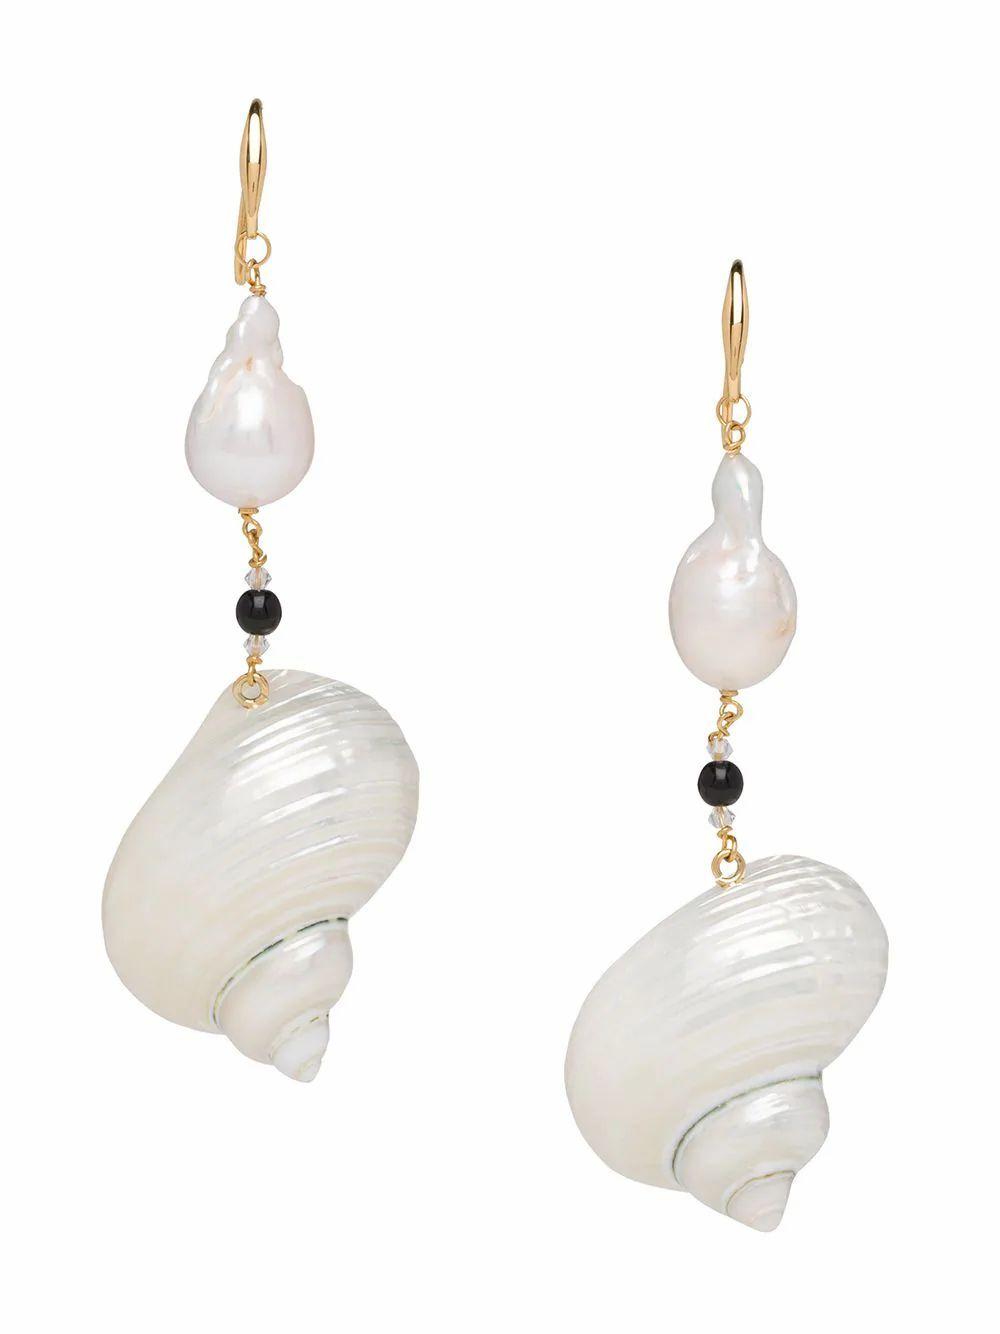 PRADA WOMEN'S 1JO6382DIZF0164 WHITE CRYSTAL EARRINGS